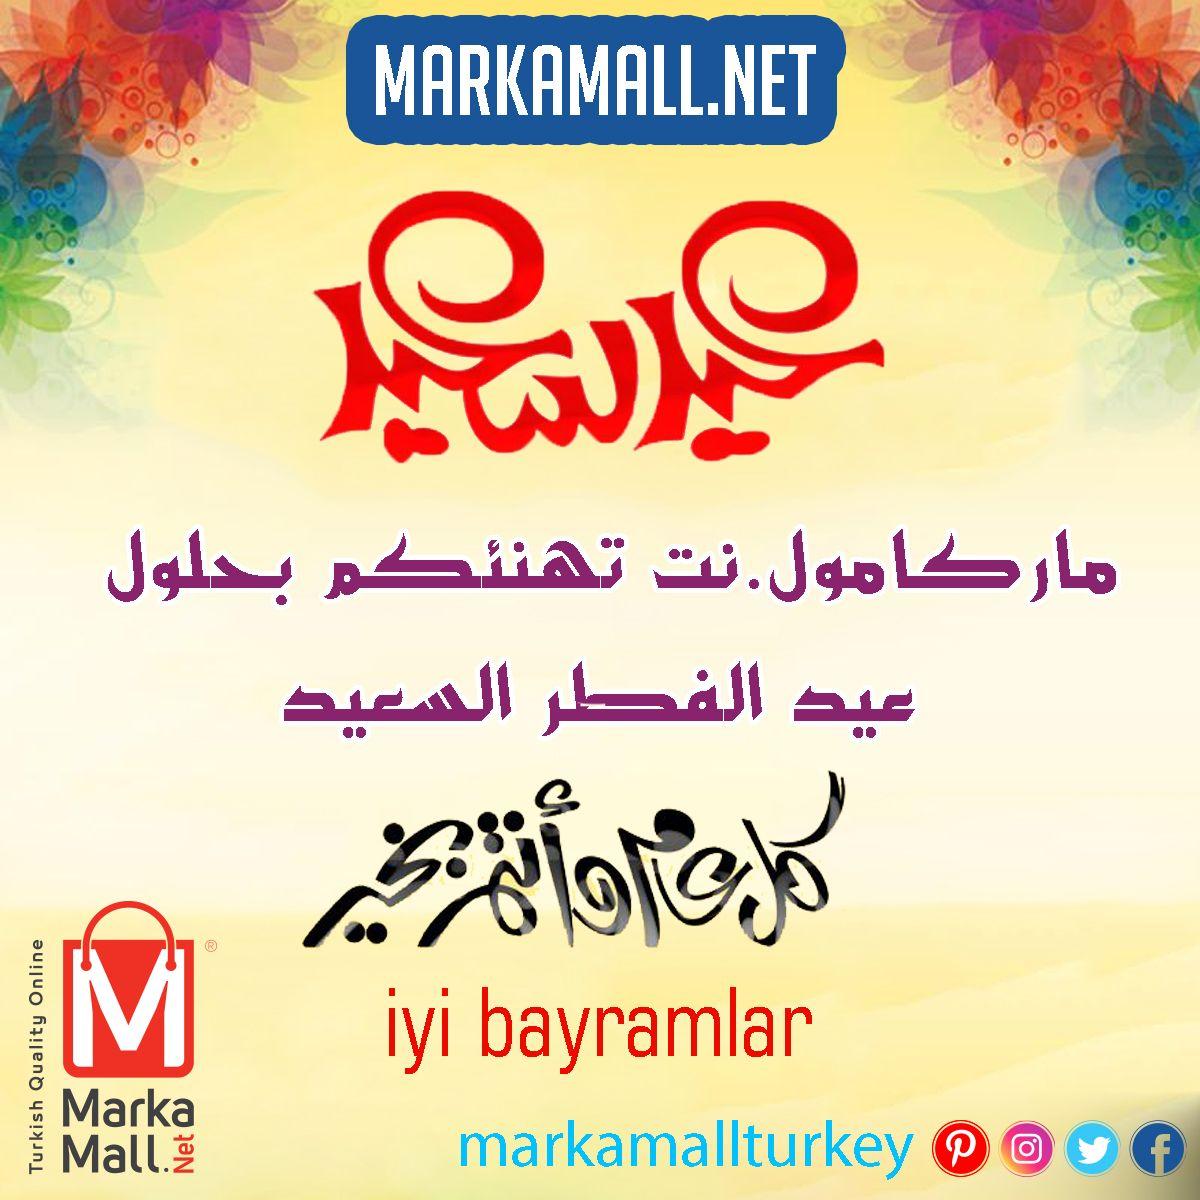 عيد سعيد ماركا مول نت تهنئكم بحلول عيد الفطر السعيد كل عام وأنتم بخير Iyi Bayramlar Markamallturkey لانجري تركي ملاب Arabic Calligraphy Calligraphy